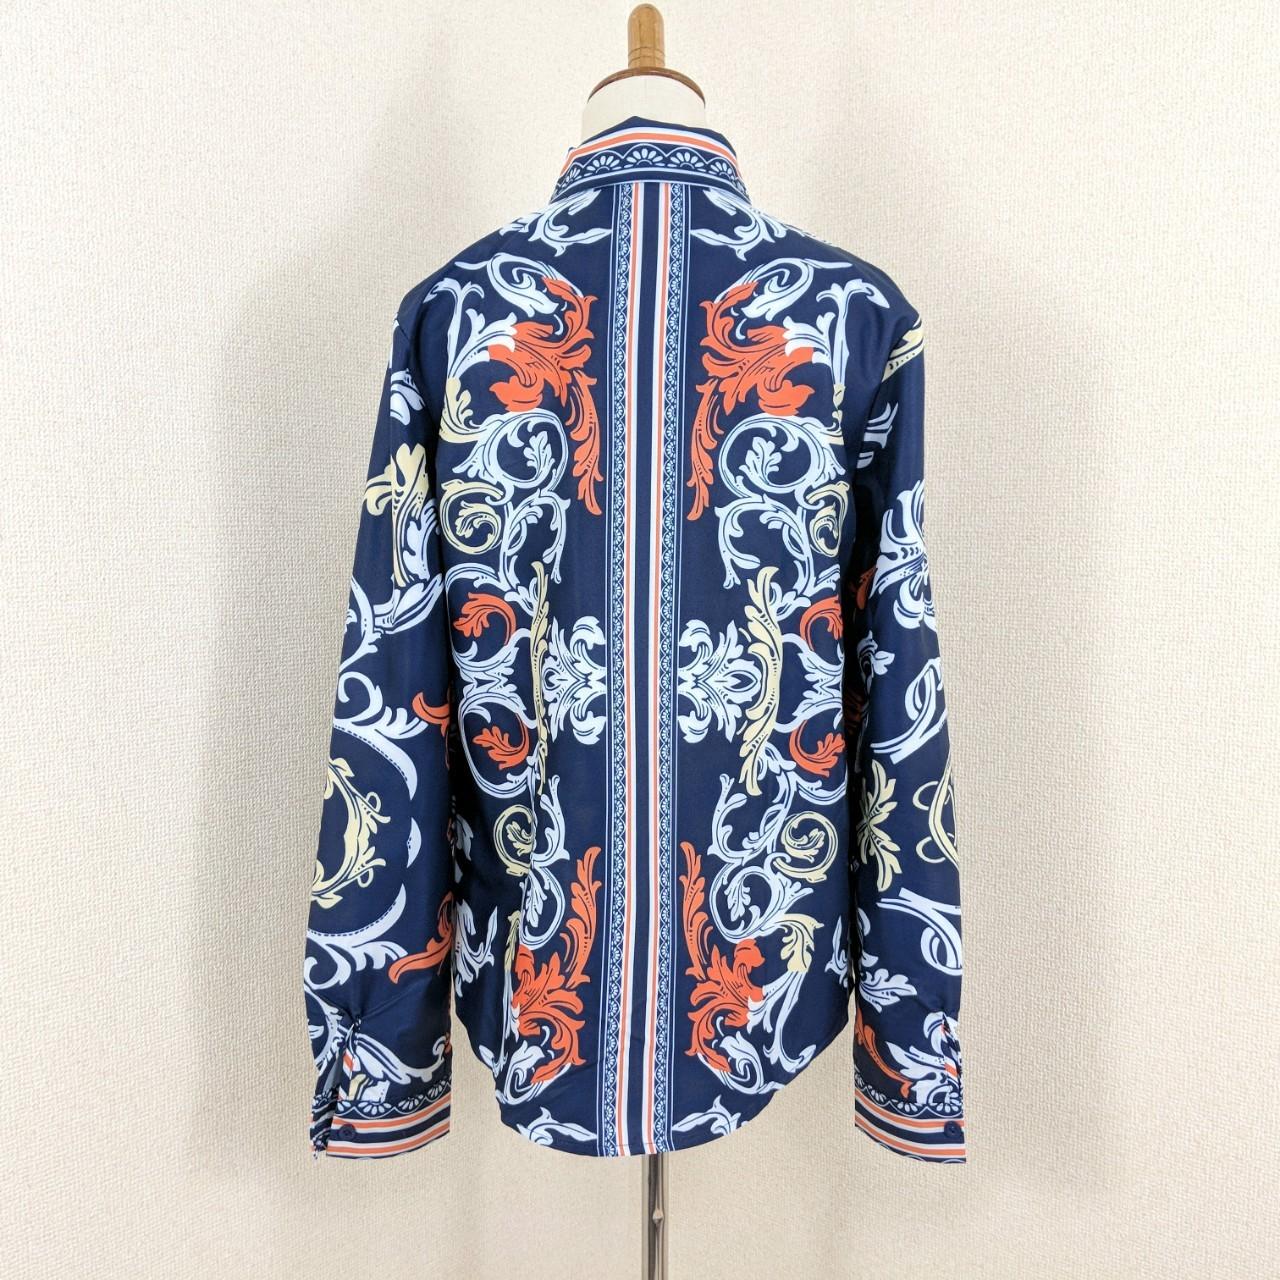 韓国 ファッション トップス ブラウス シャツ 夏 春 秋 パーティー ブライダル PTX8689  スカーフ柄 ドレス オフィスカジュアル 二次会 セレブ きれいめの写真12枚目